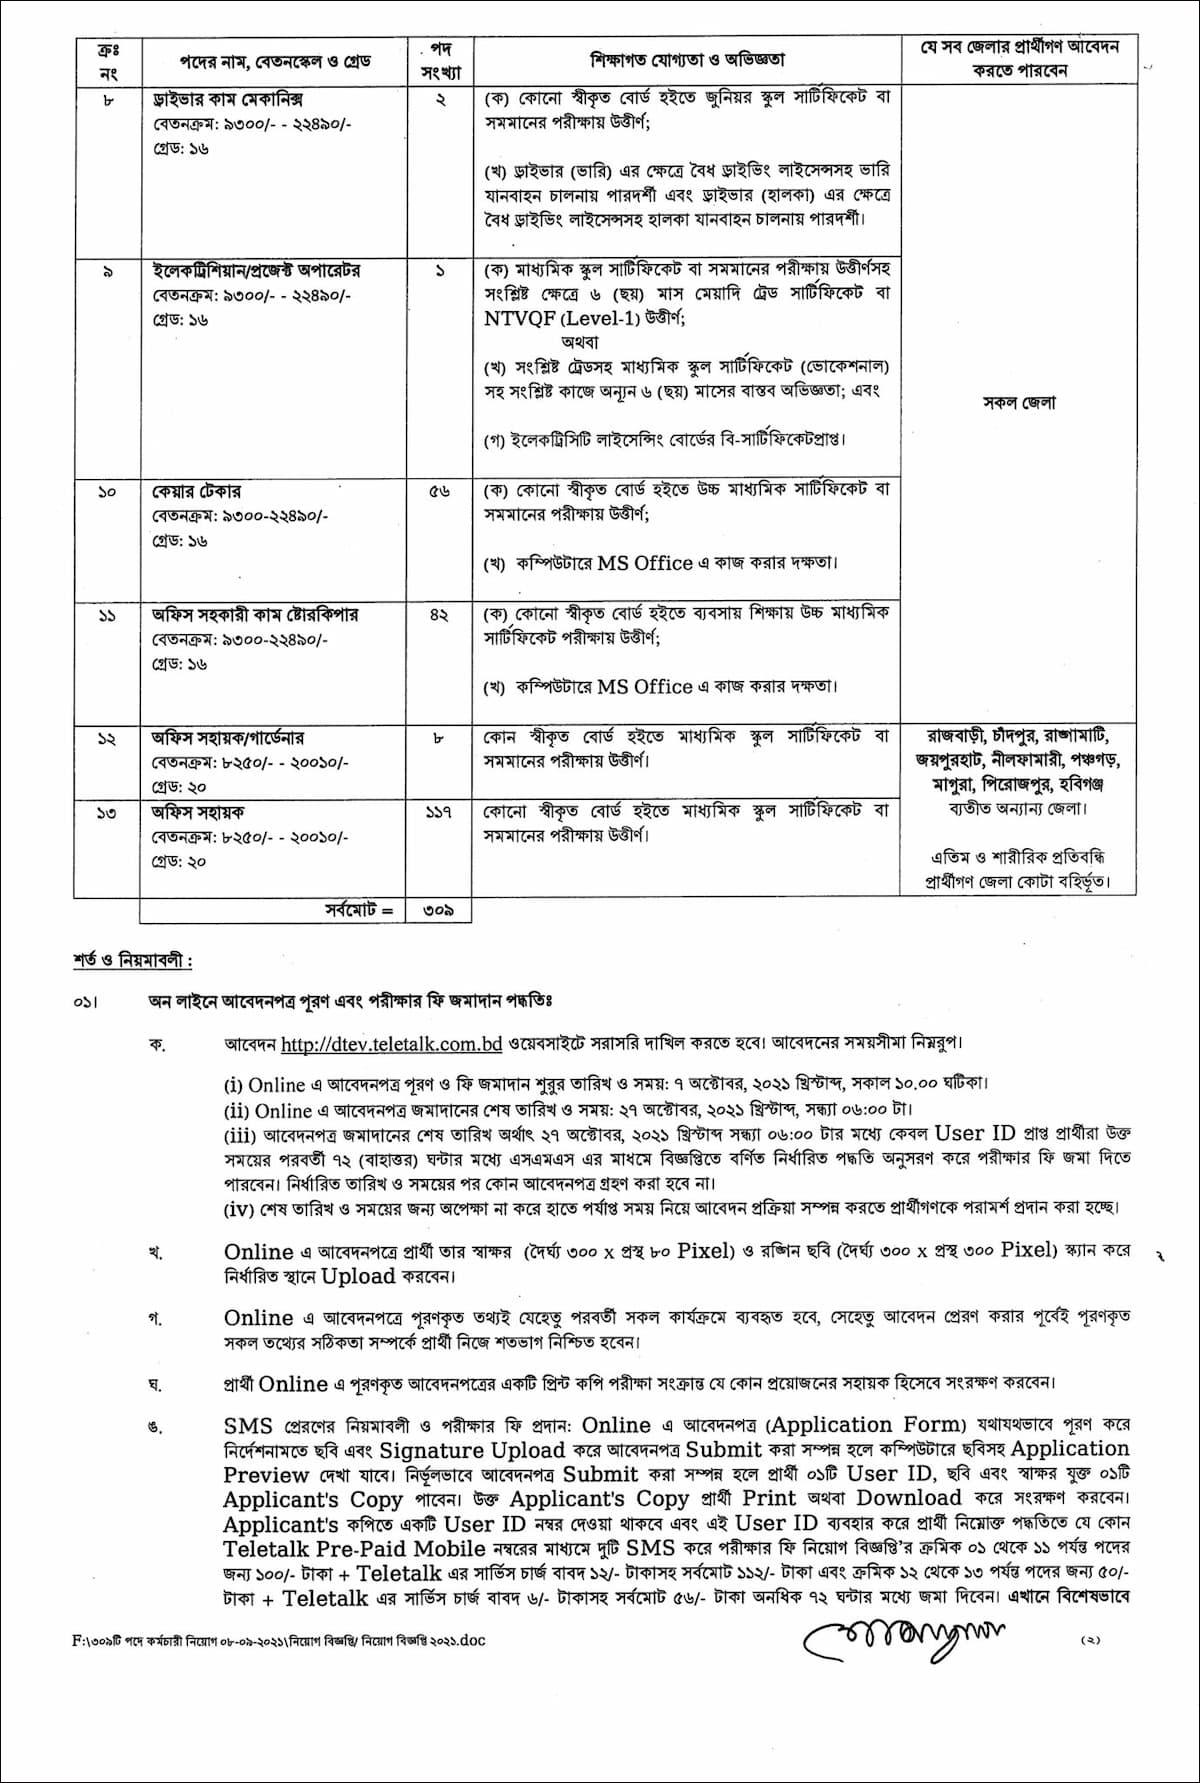 কারিগরি-শিক্ষা-অধিদপ্তর-সার্কুলার-2021-2